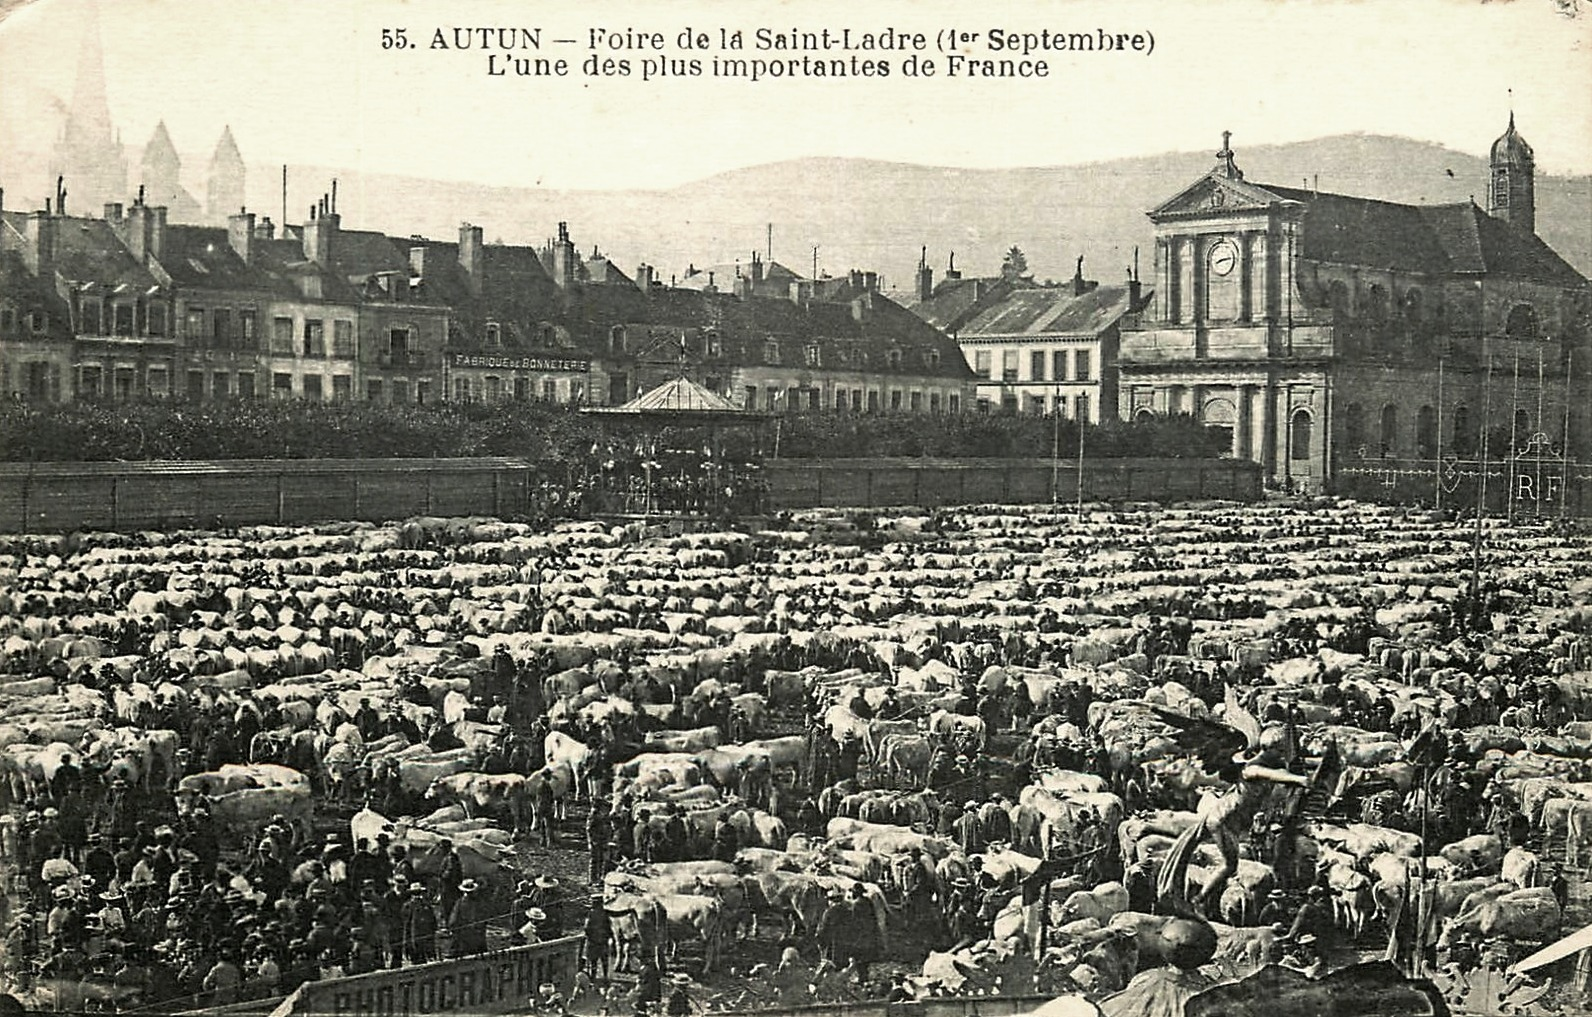 Autun (Saône-et-Loire) La foire de Saint Ladre CPA